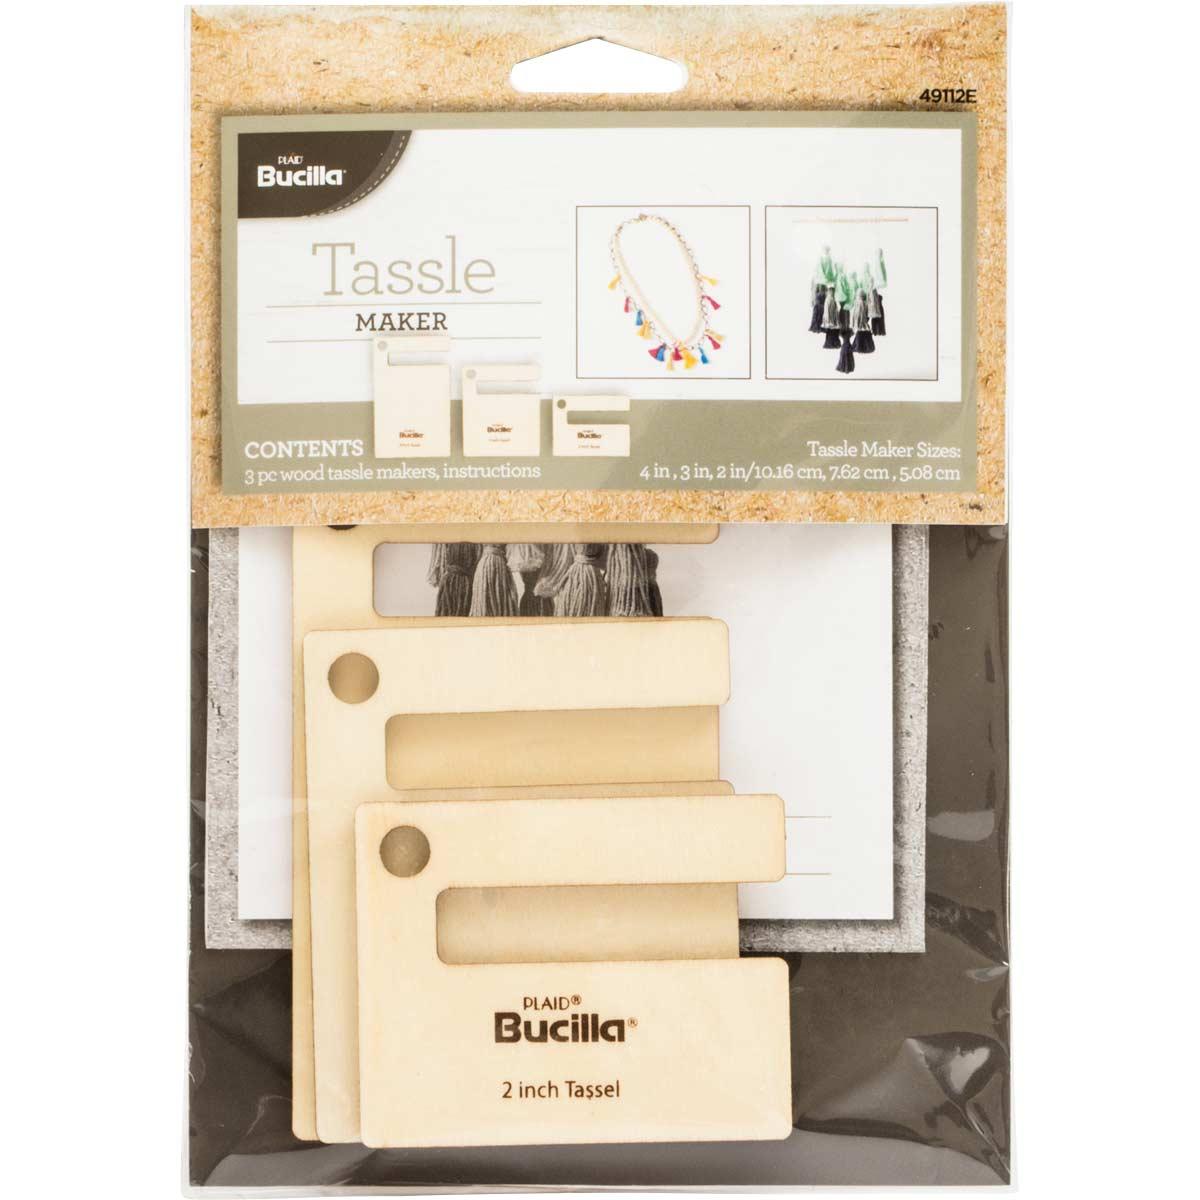 Bucilla ® Tassel Maker 3 pc. - 49112